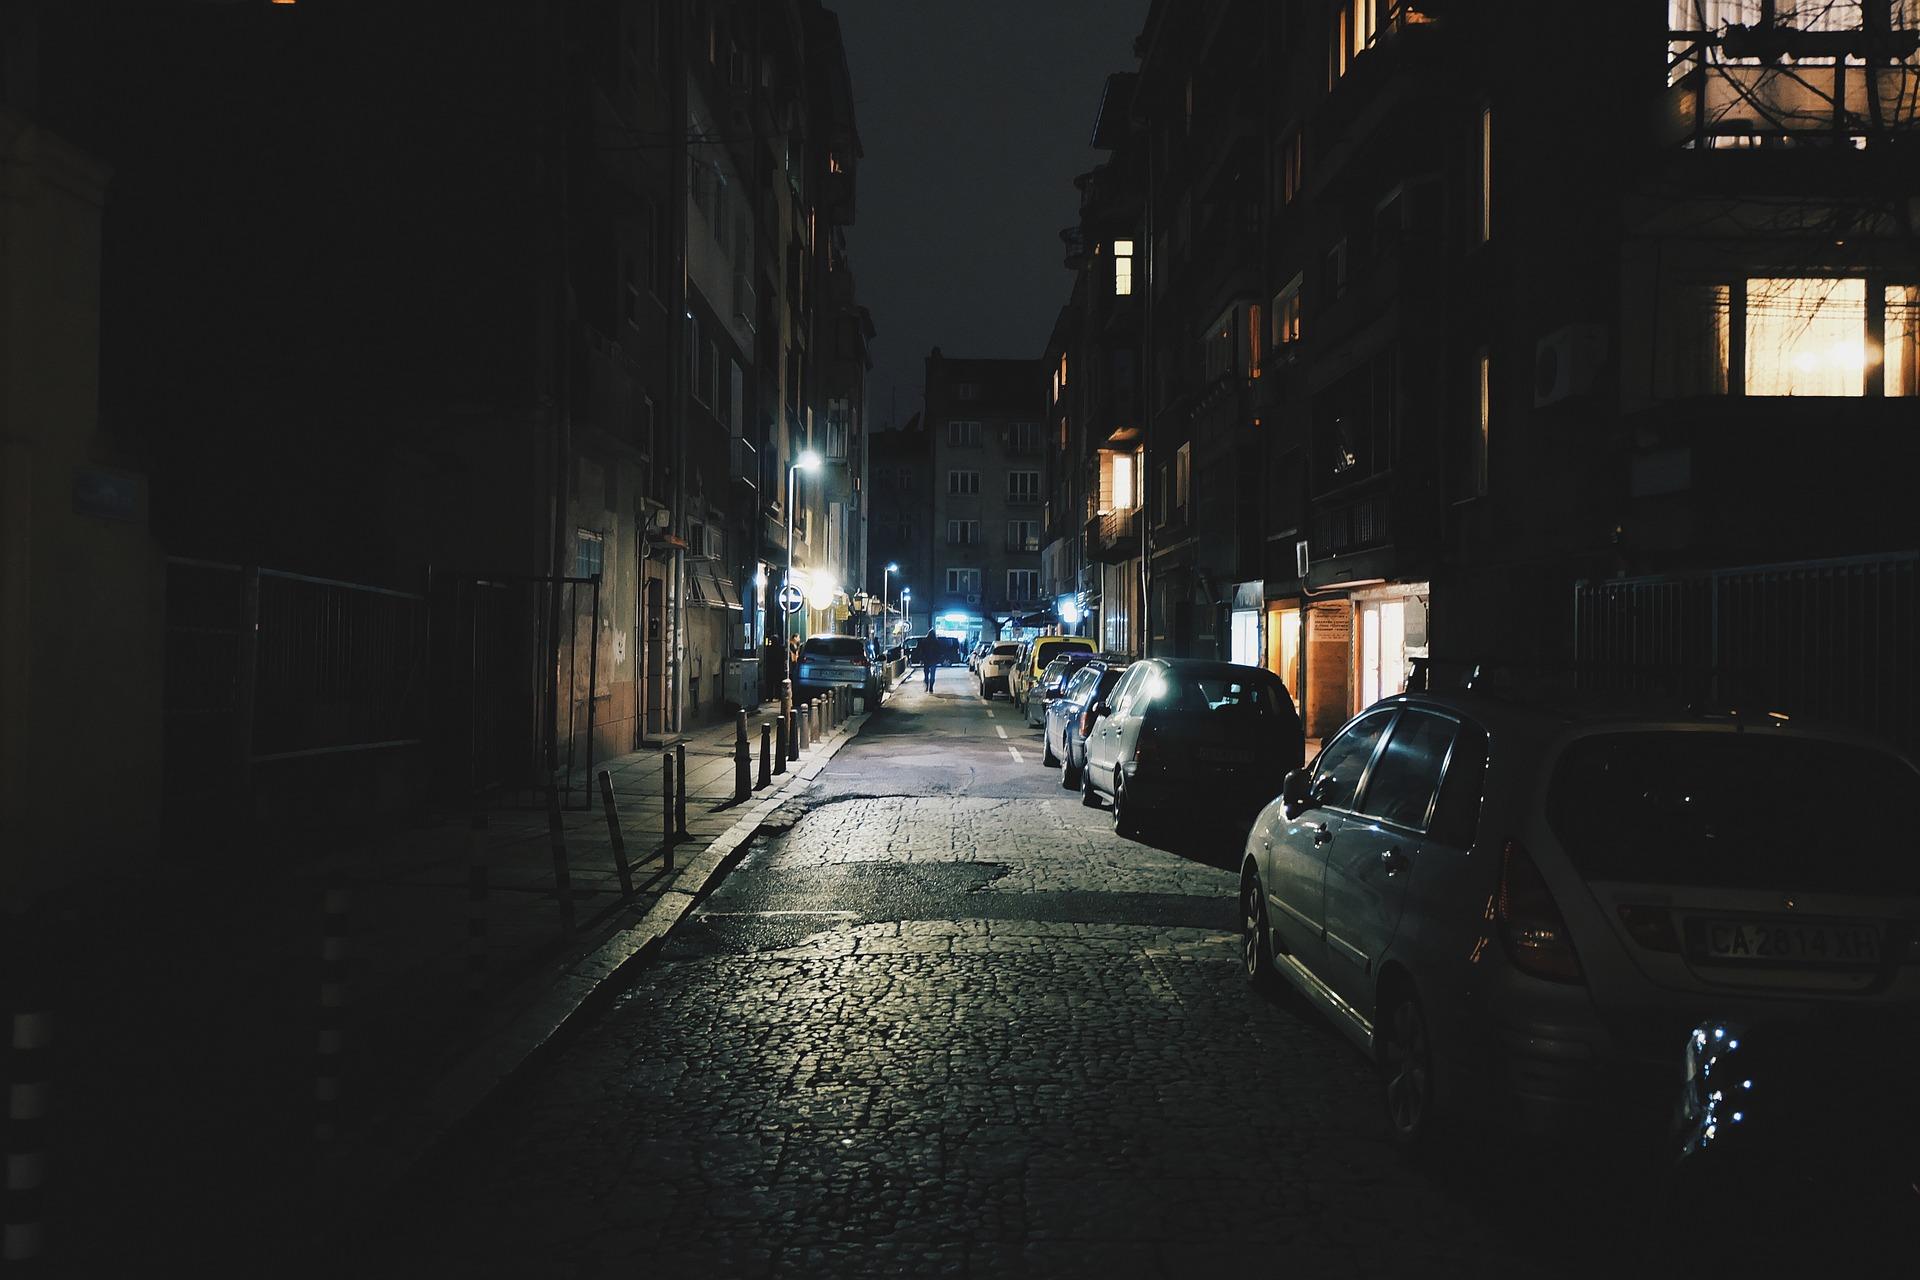 hotel-by-night3